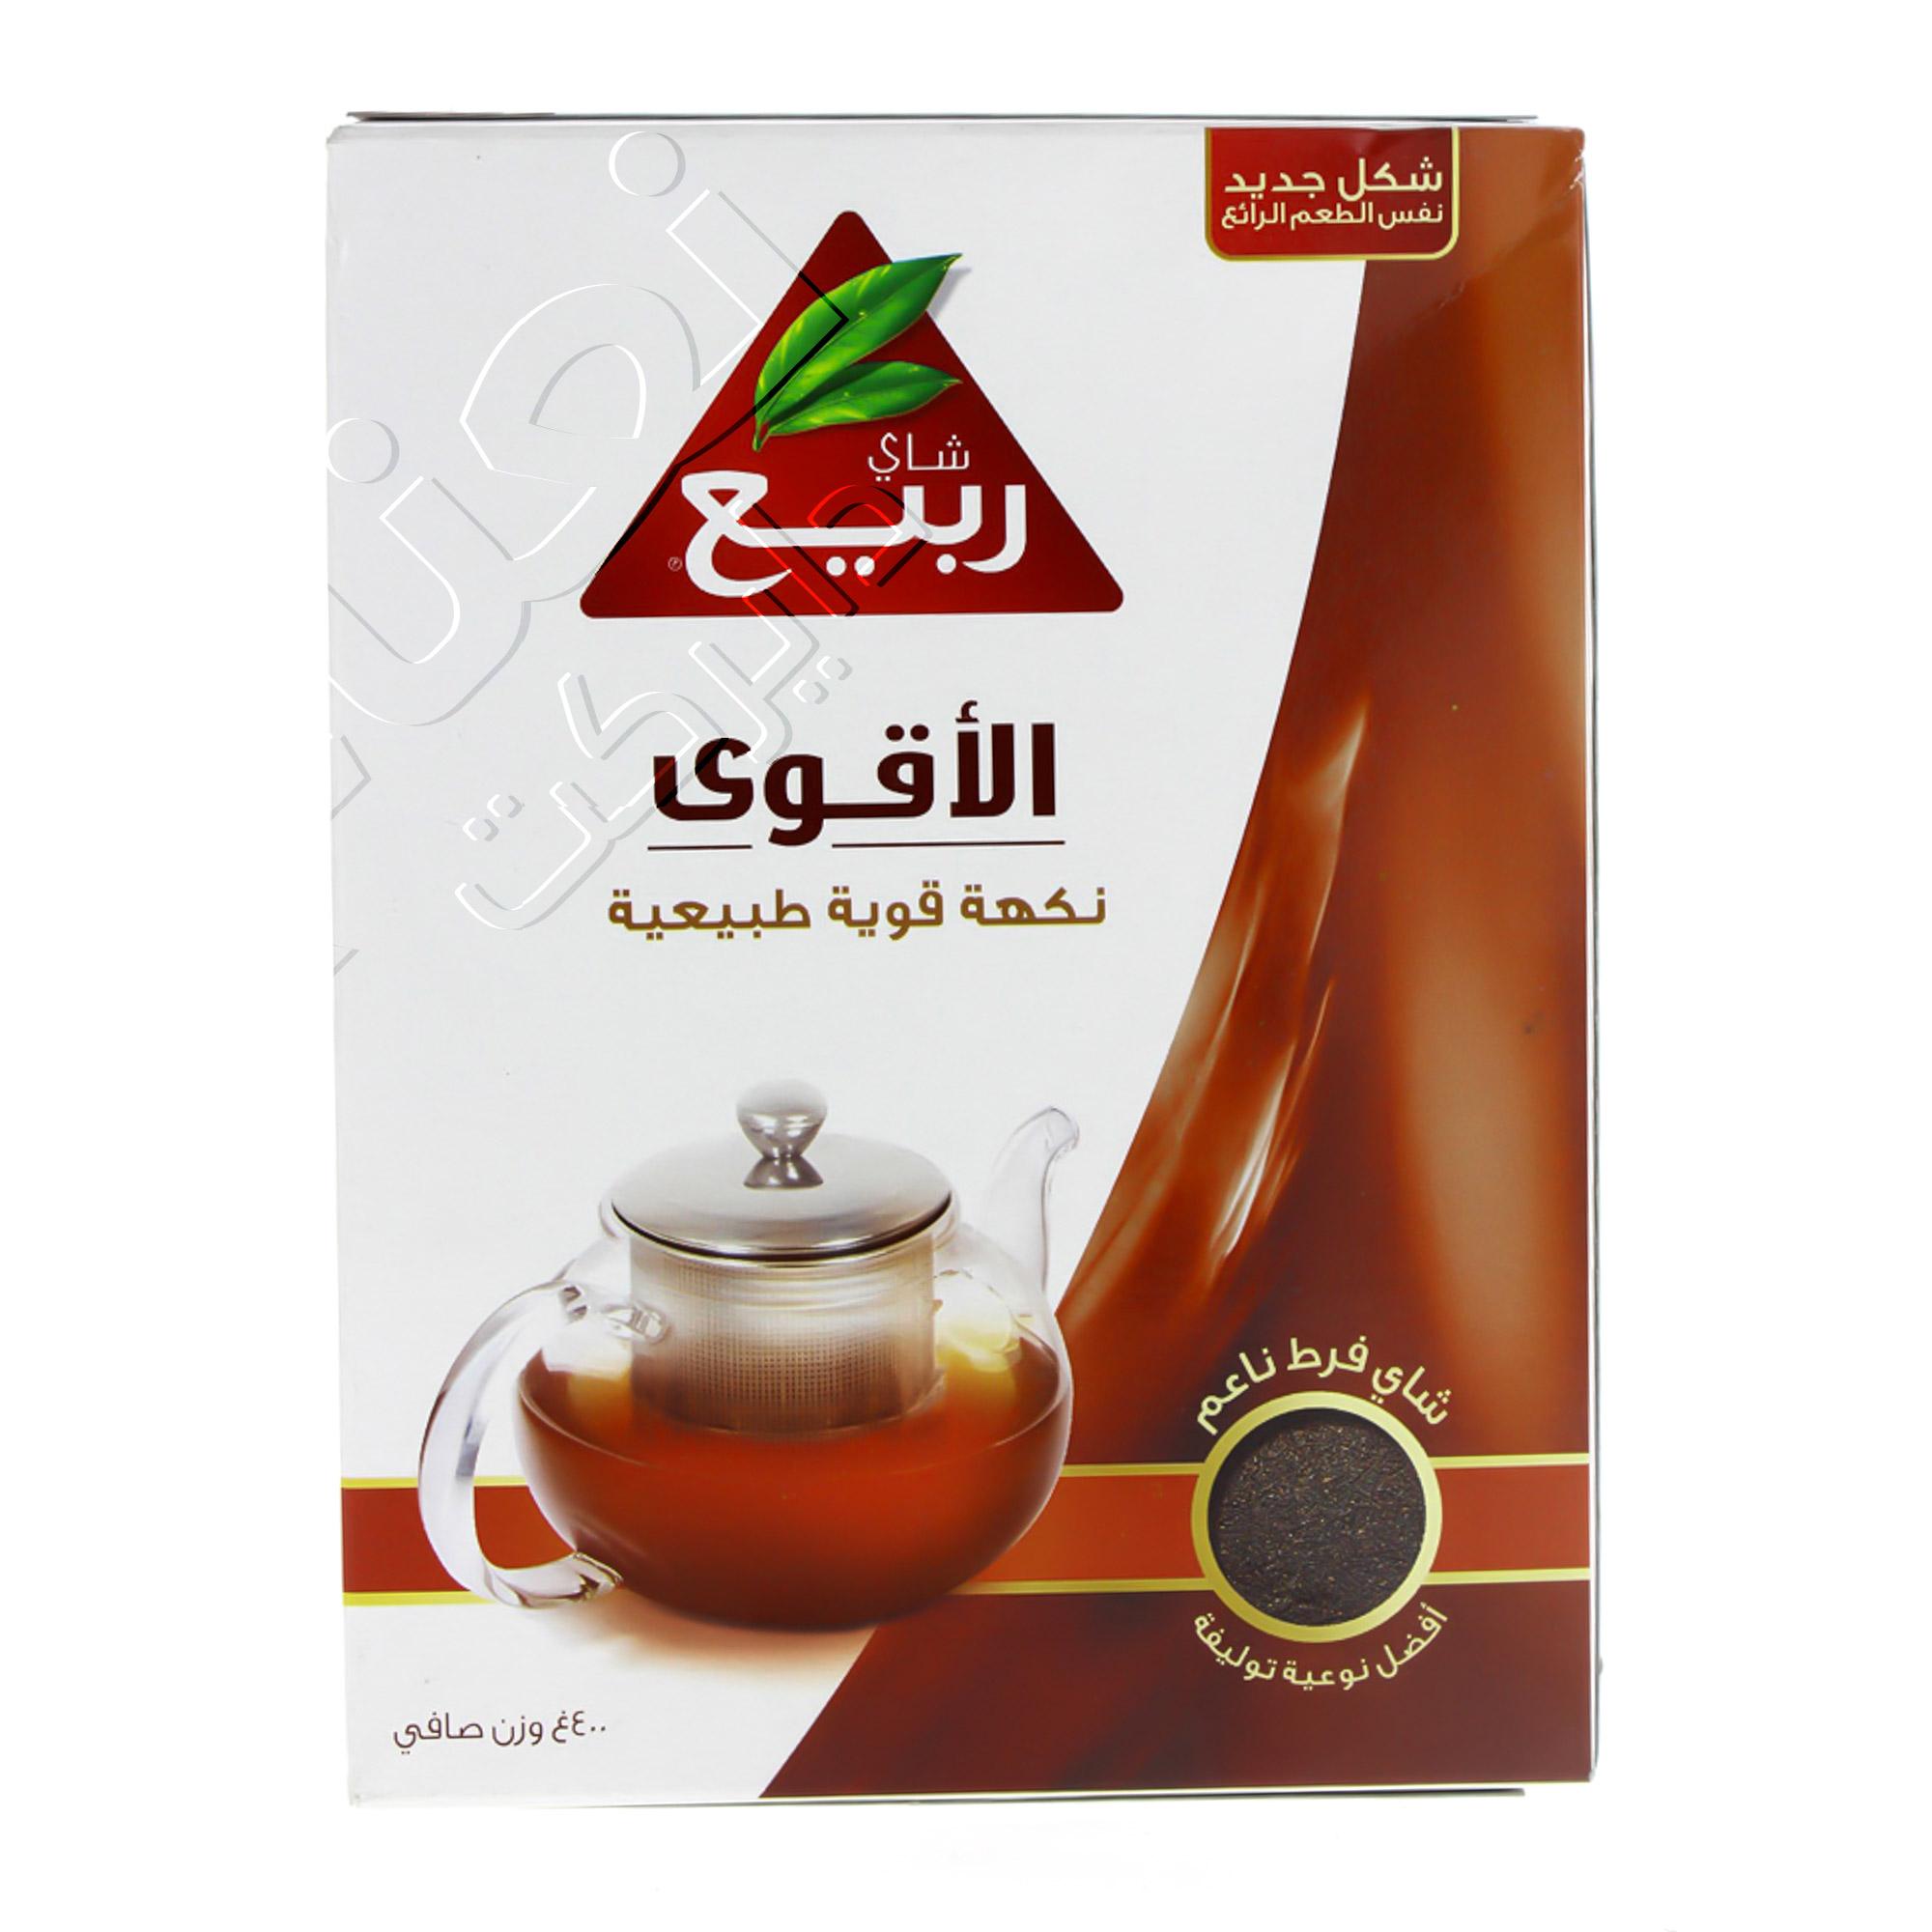 بوفيه ردهة زنبق شاي الربيع فرط Sjvbca Org